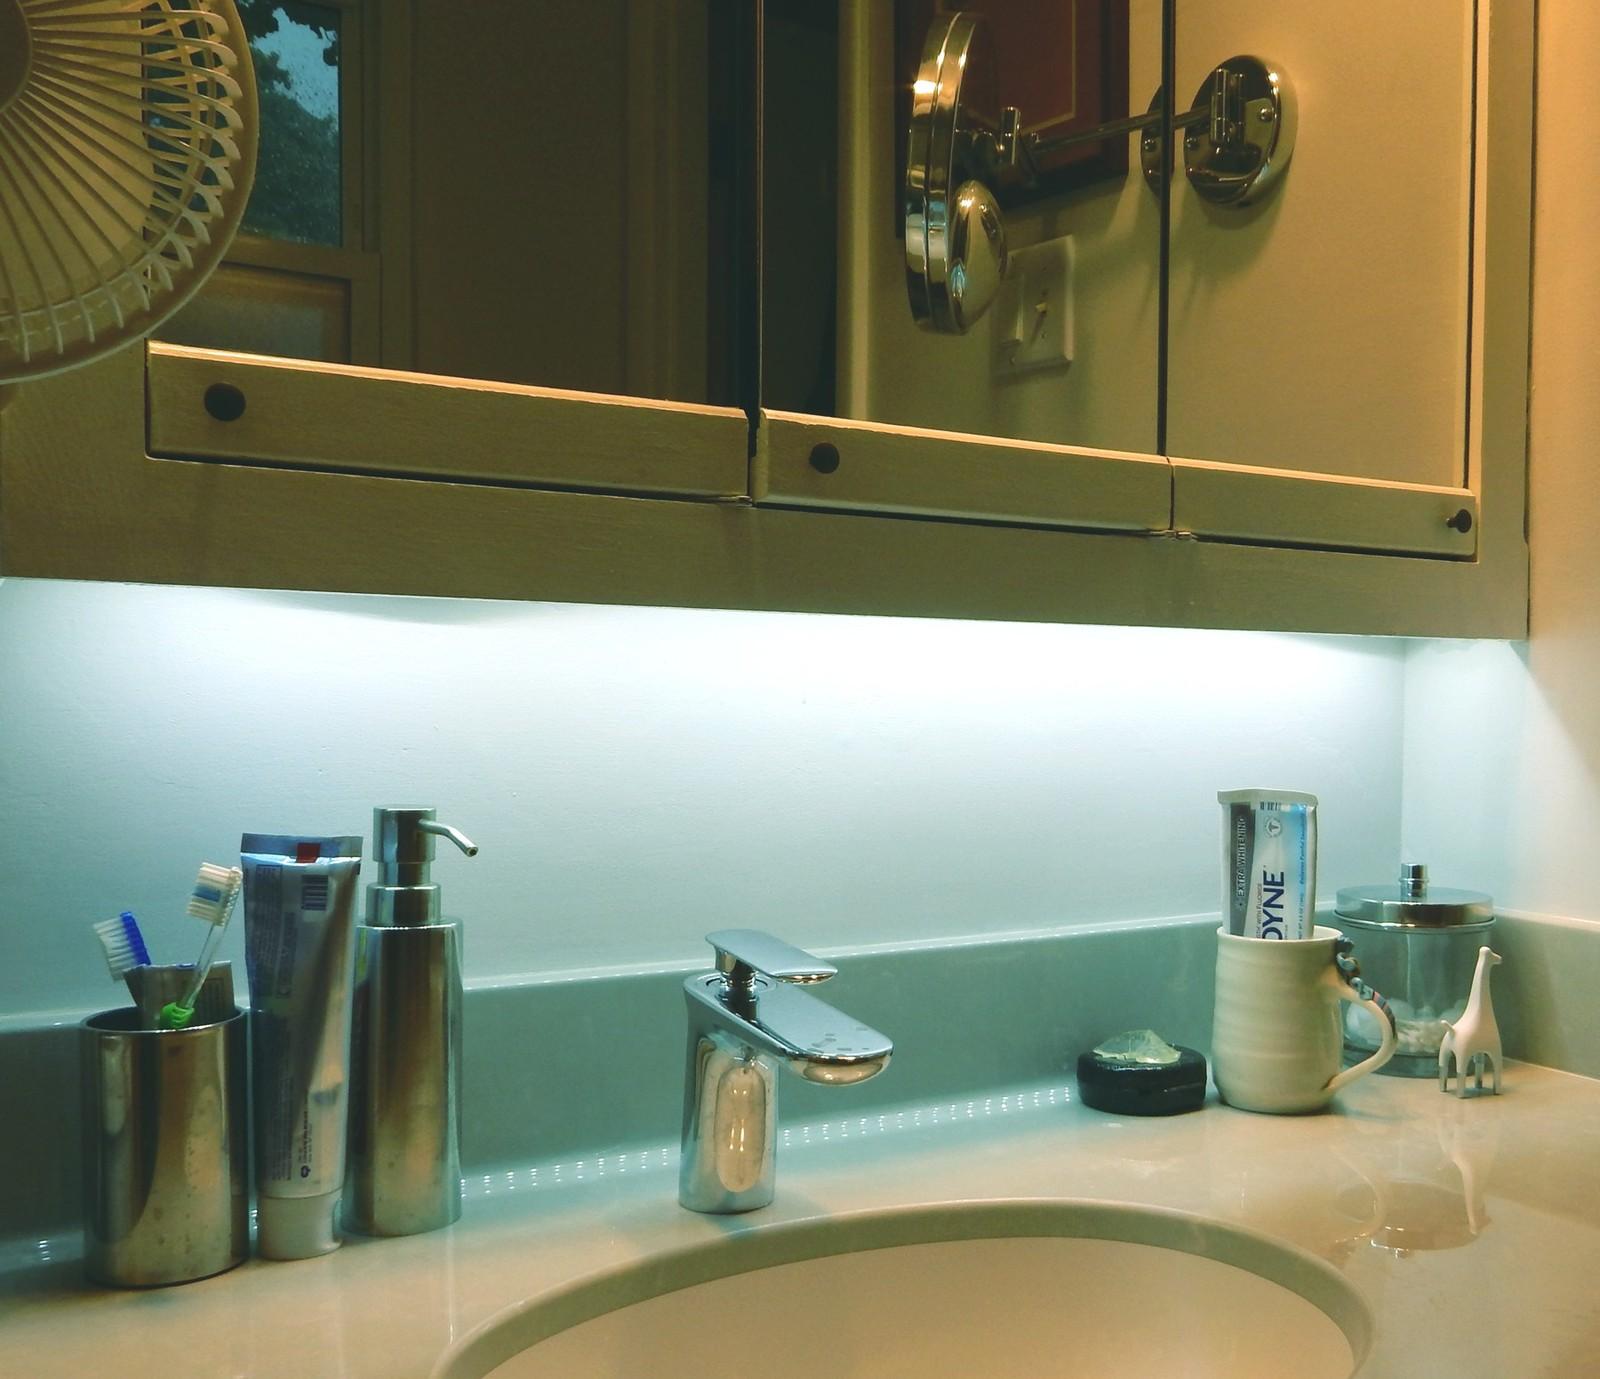 8', Bright White, 5630 SMD chips, 24 VDC, LED Flexible strip